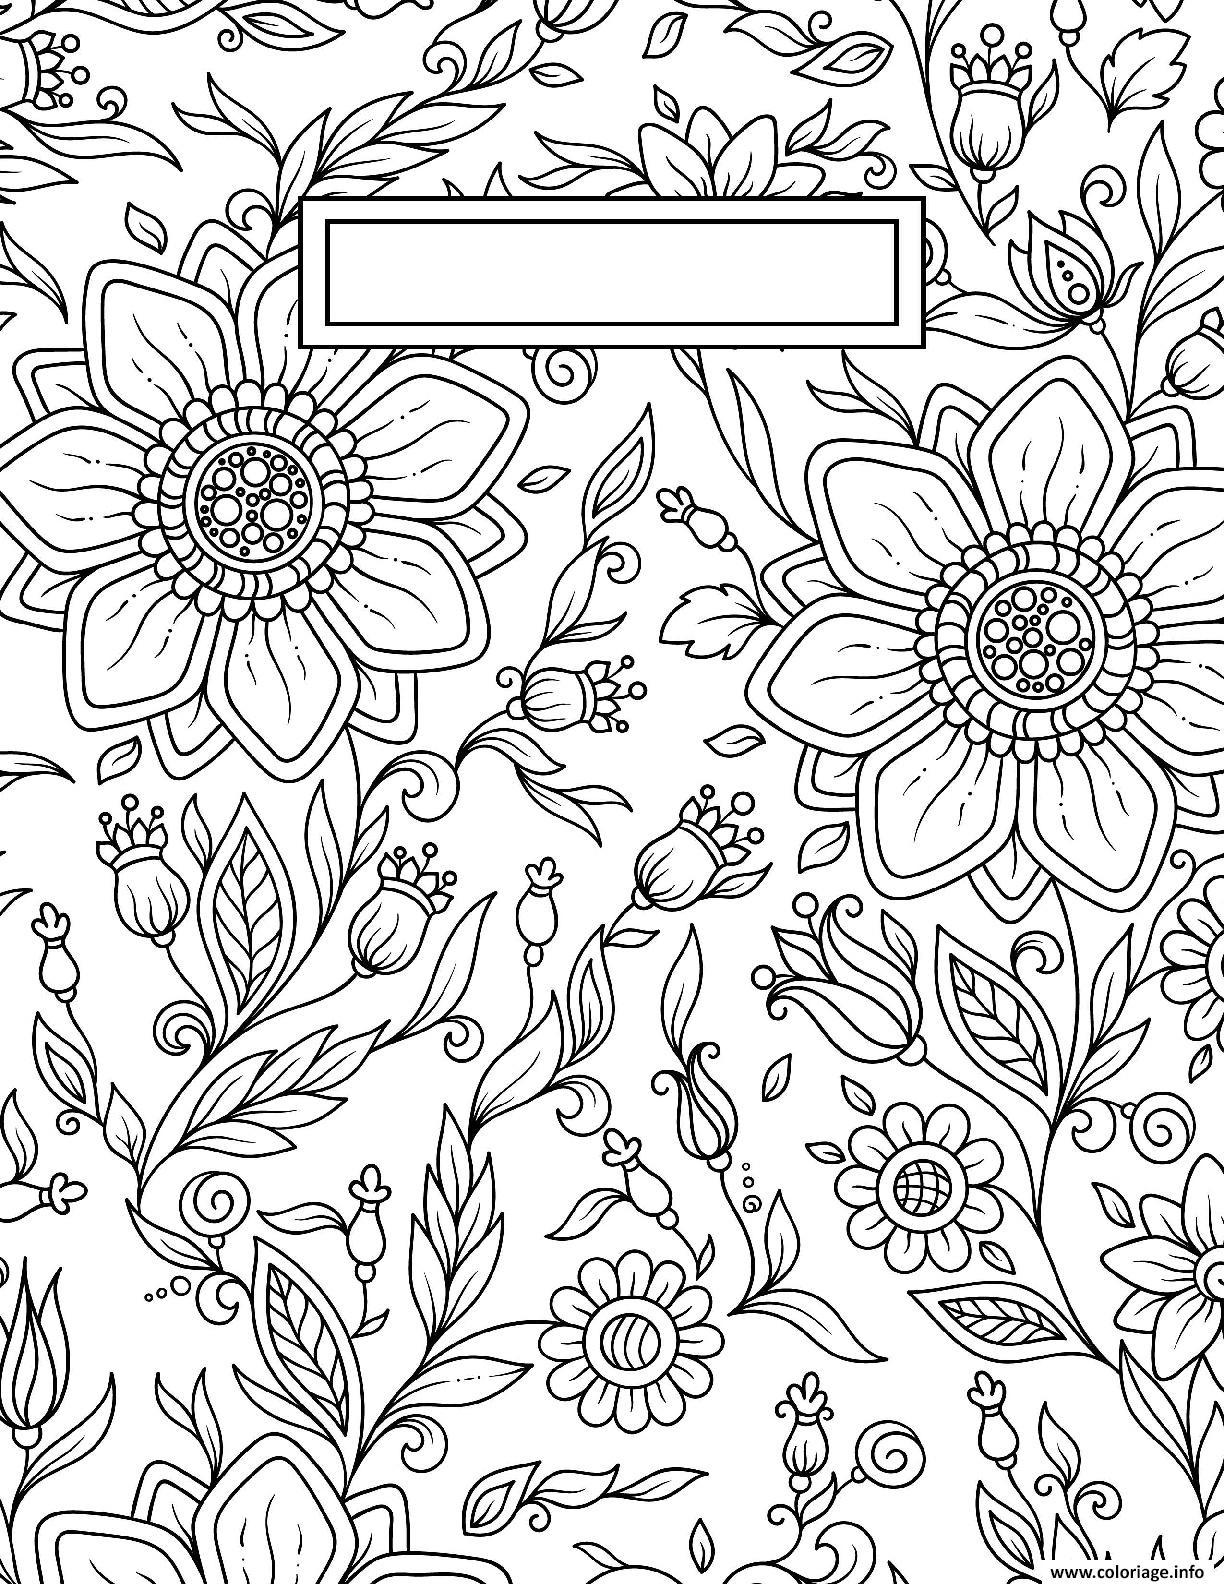 Dessin Binder Cover Adult Flowers Antistress Coloriage Gratuit à Imprimer